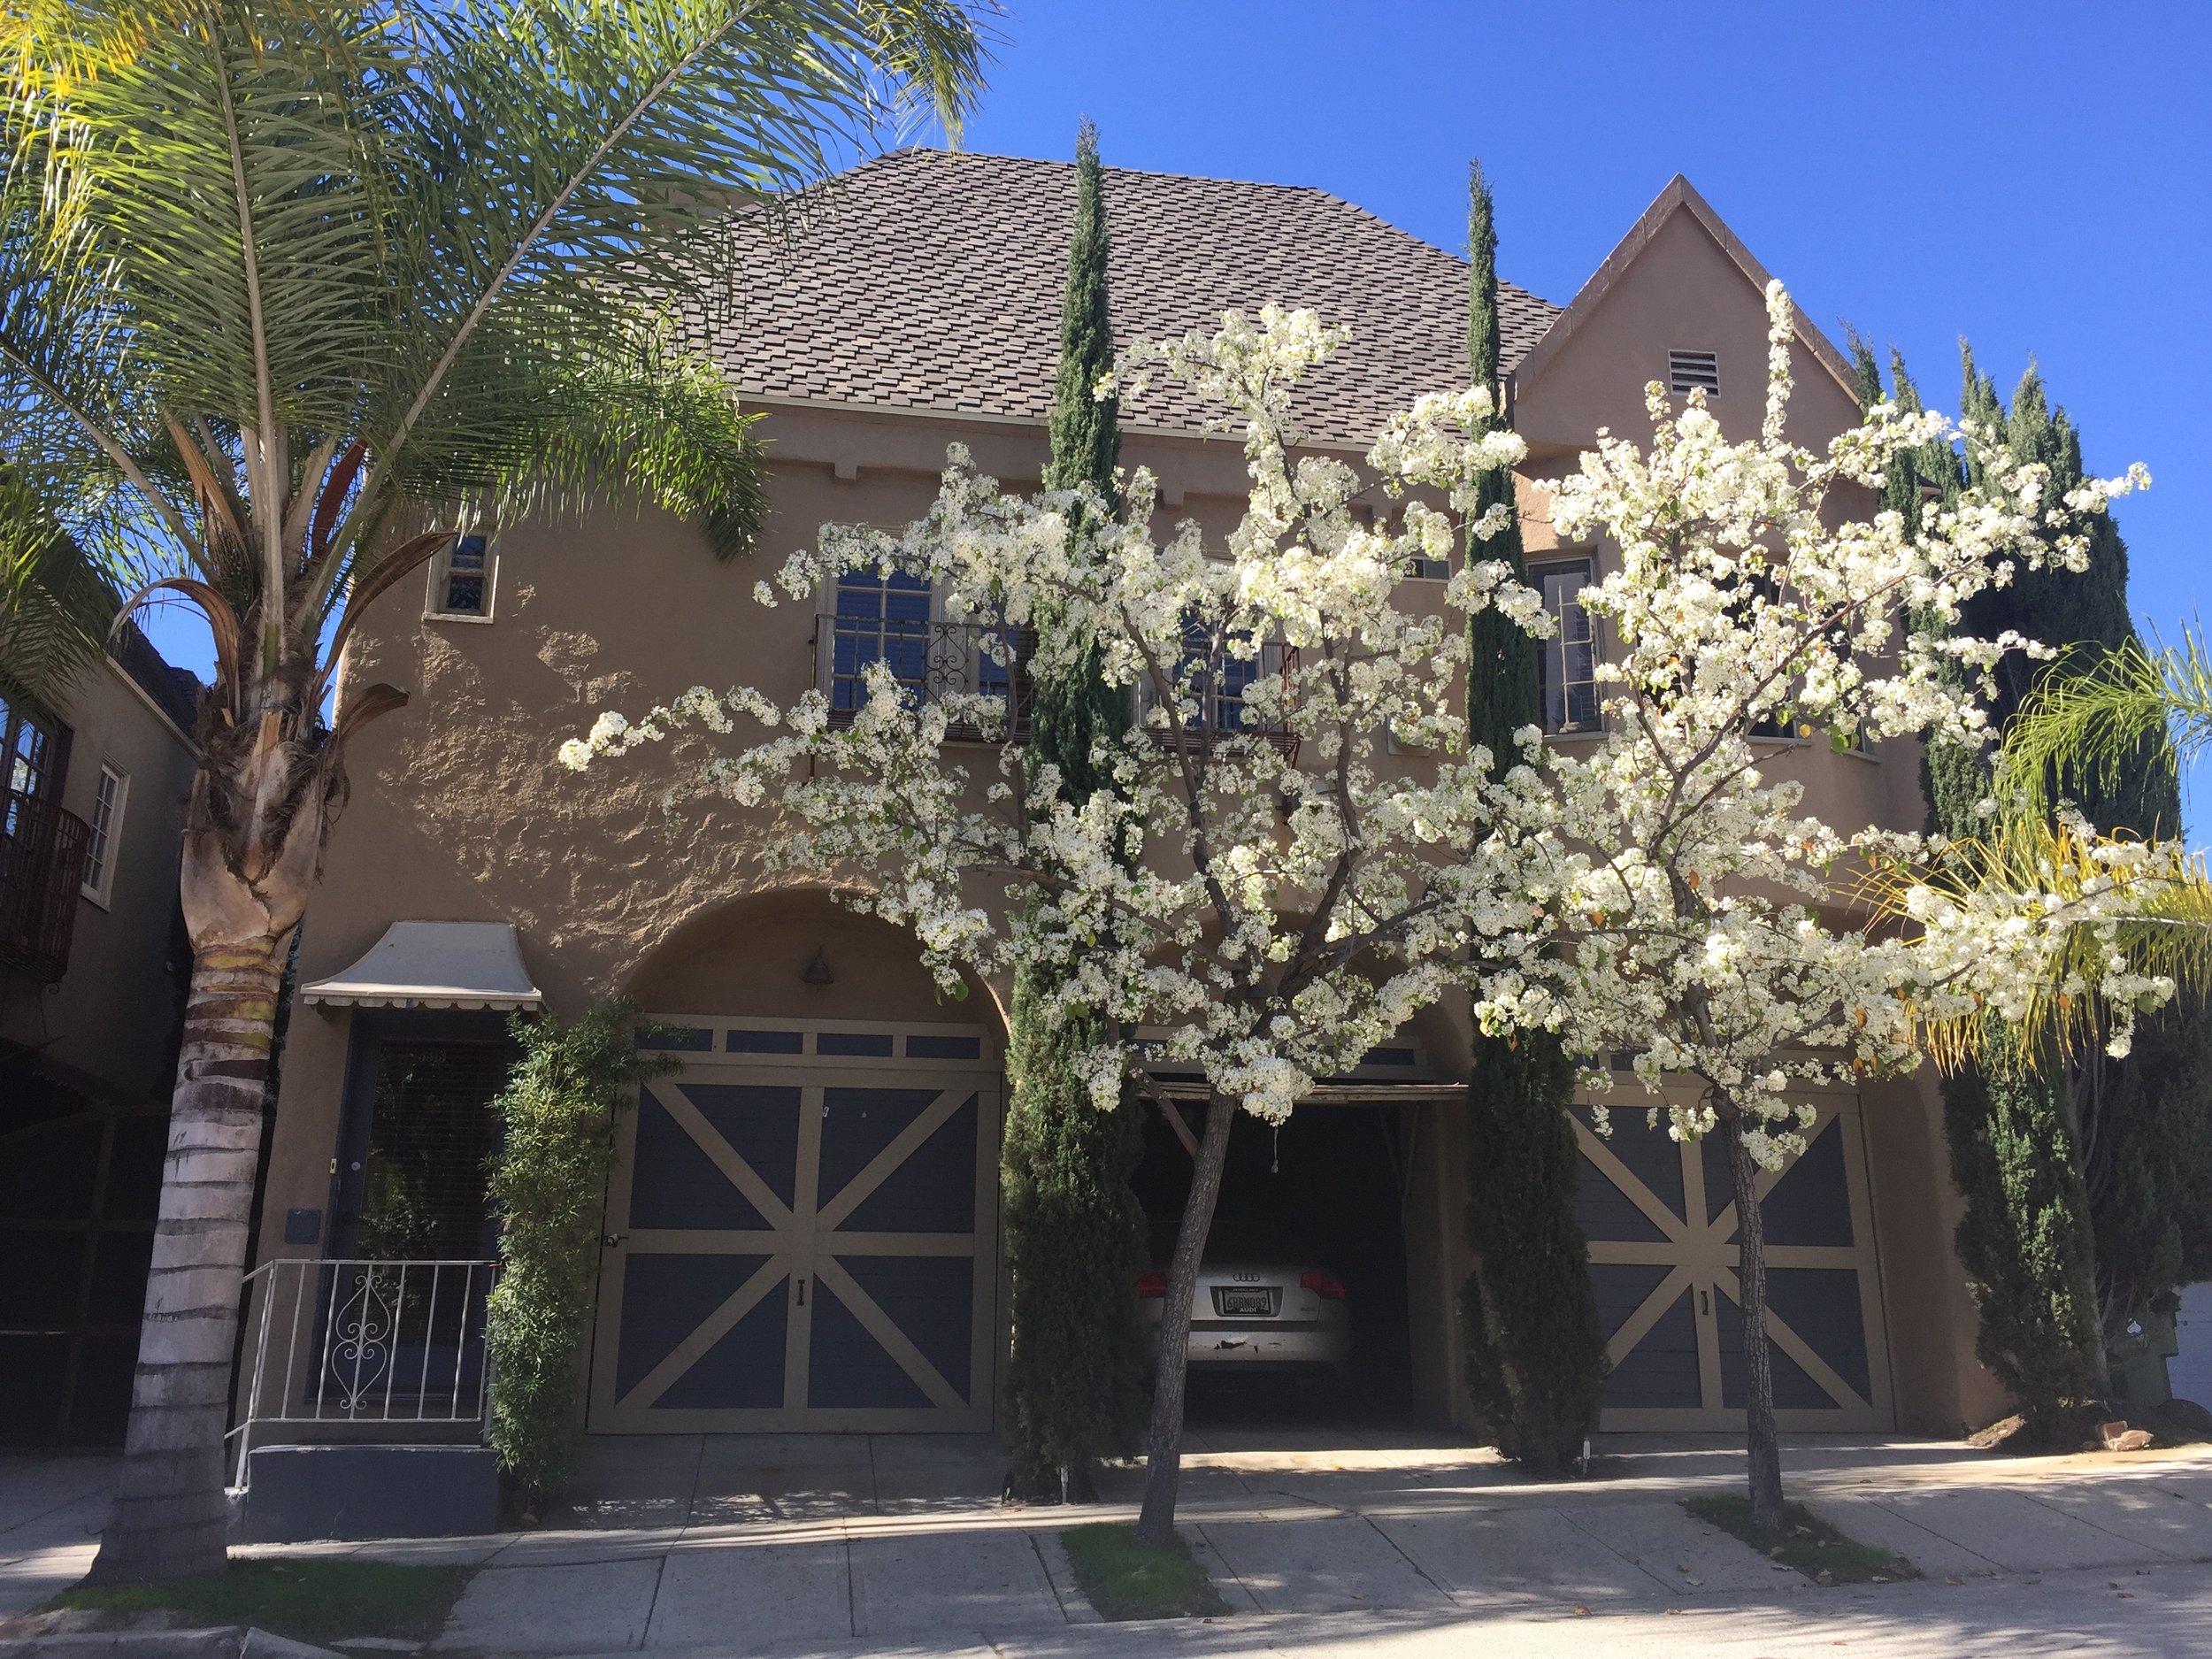 Tica Villa, North Tica Drive, Los Feliz @ $4495